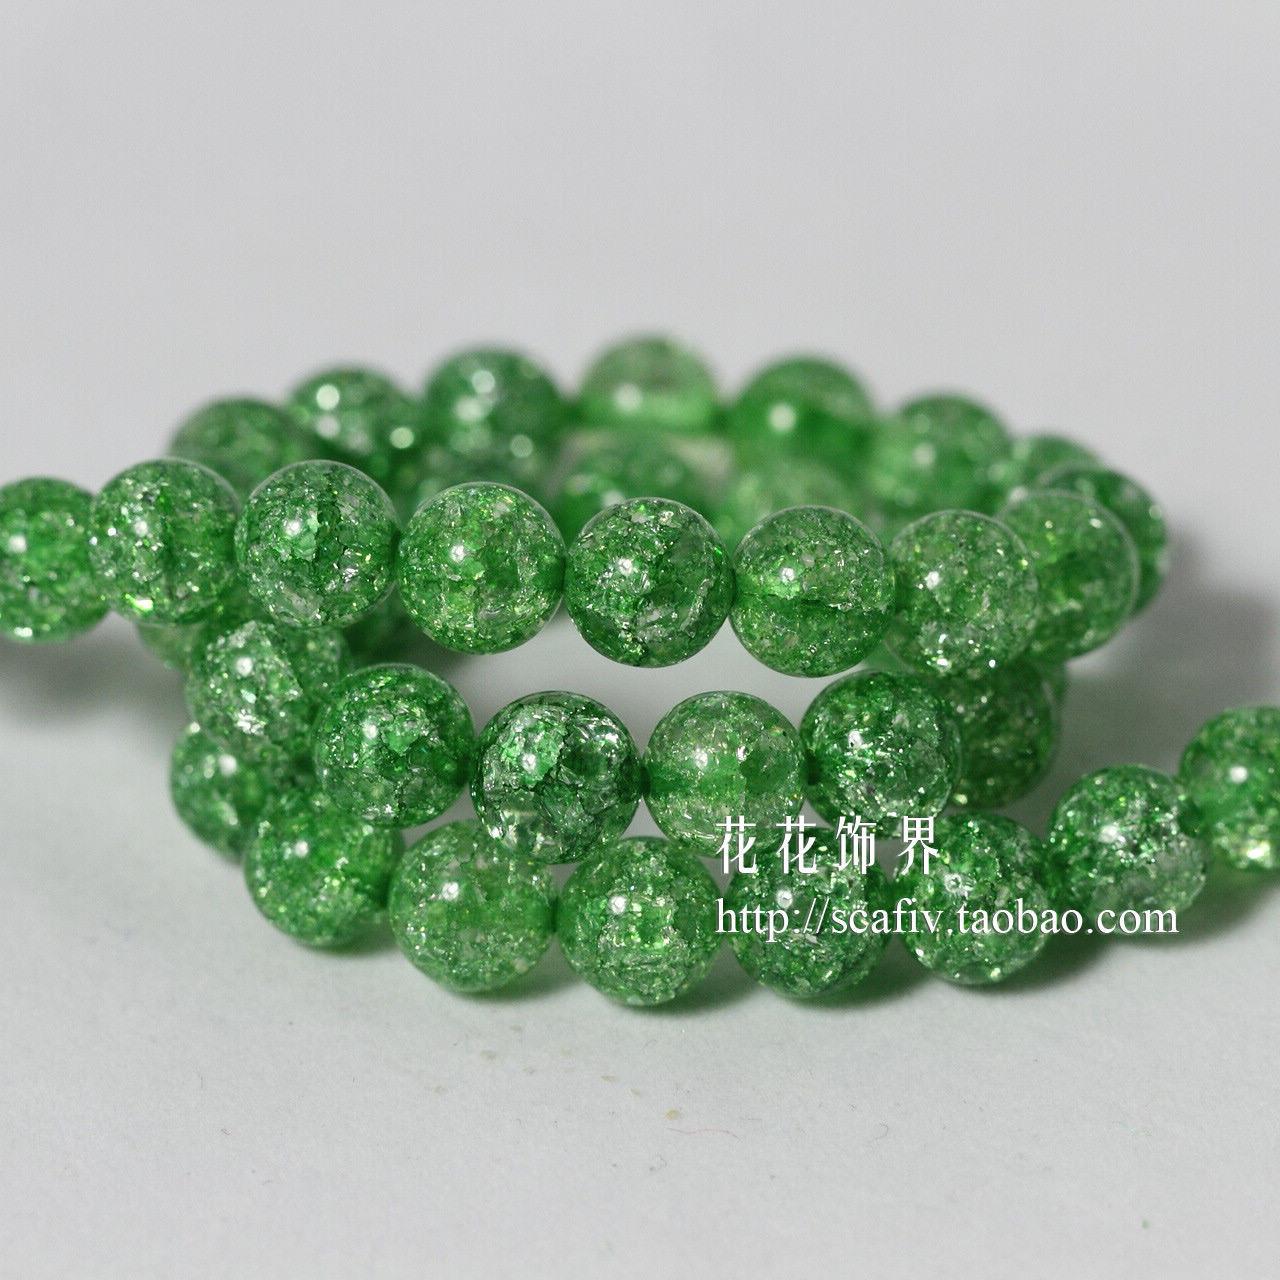 人造爆花绿色散珠子diy桌布手链商品项链串珠斤饰品配件手工材料华达呢水晶图片